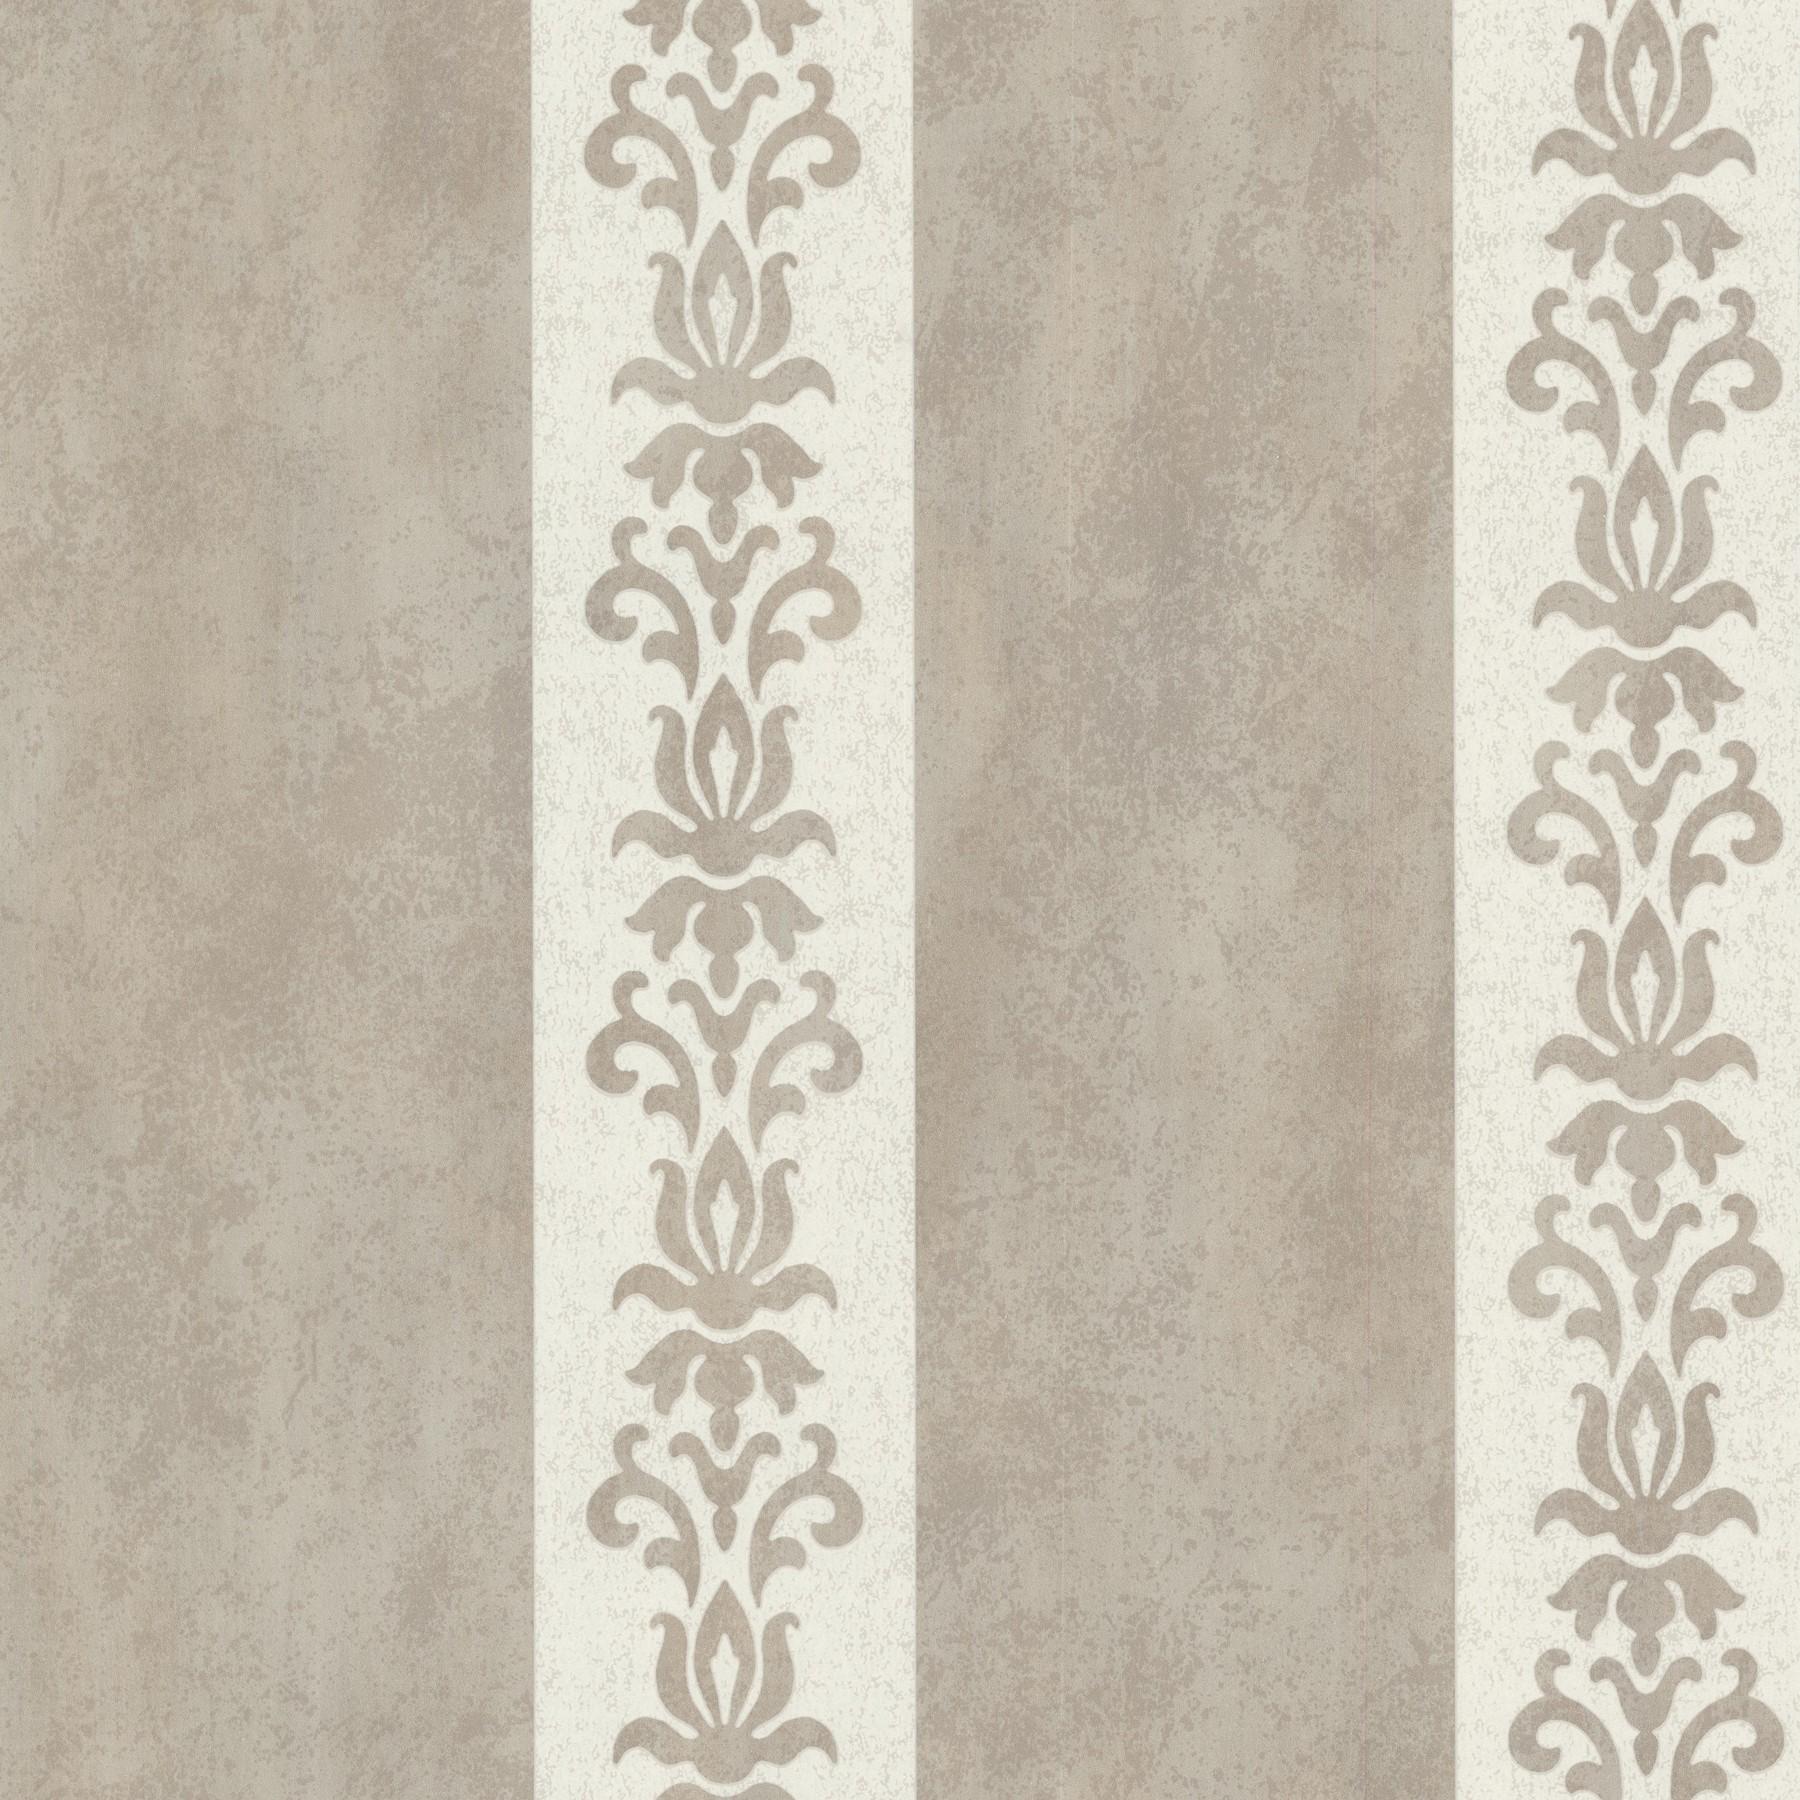 tapete onyx vliestapete rasch textil 020075 streifen grau beige creme. Black Bedroom Furniture Sets. Home Design Ideas